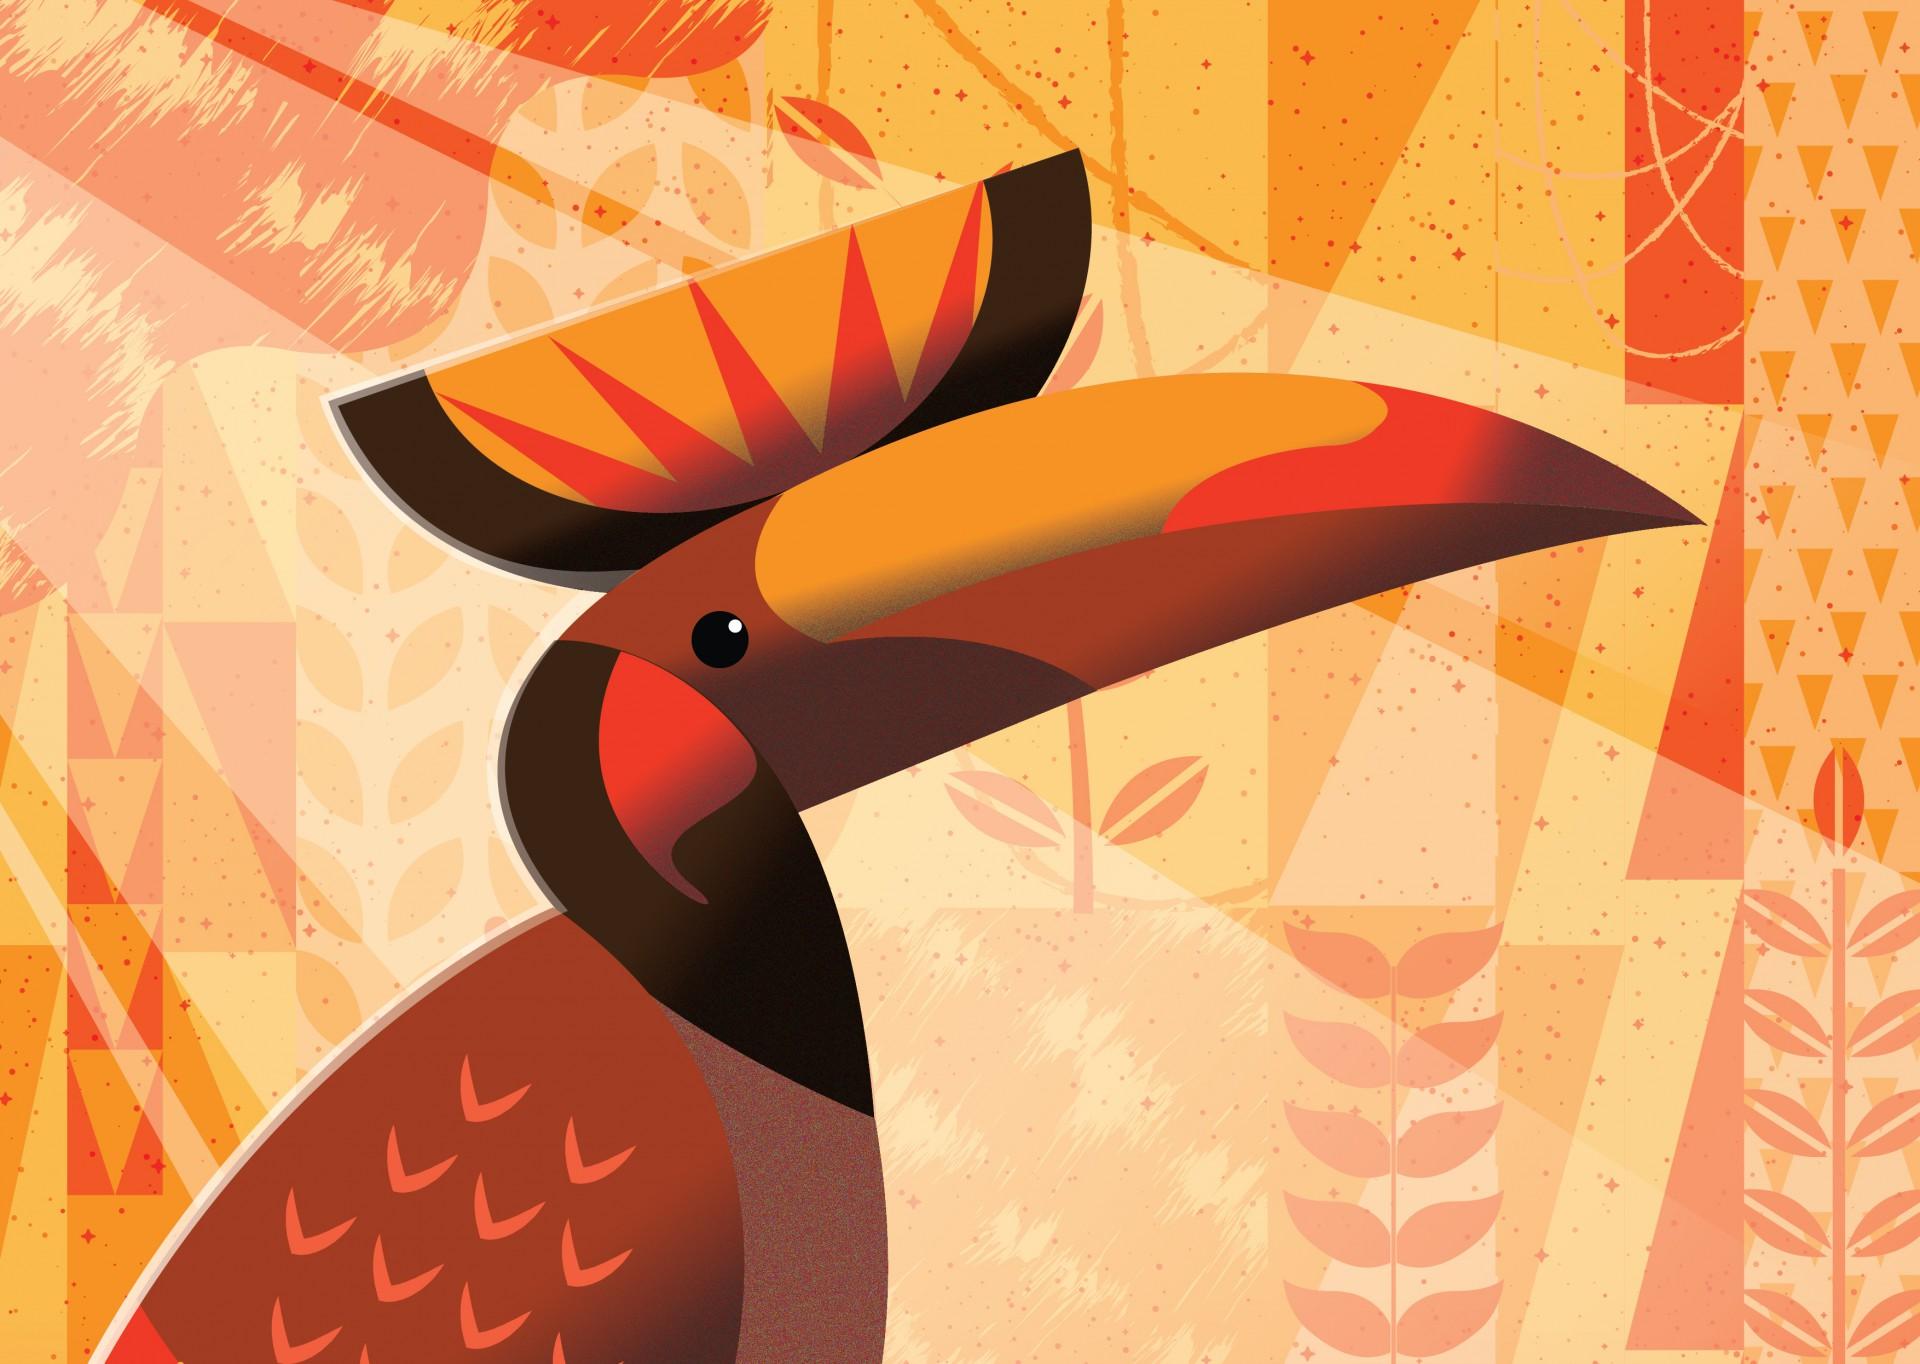 أدوبي إلستريتر | Adobe illustrator